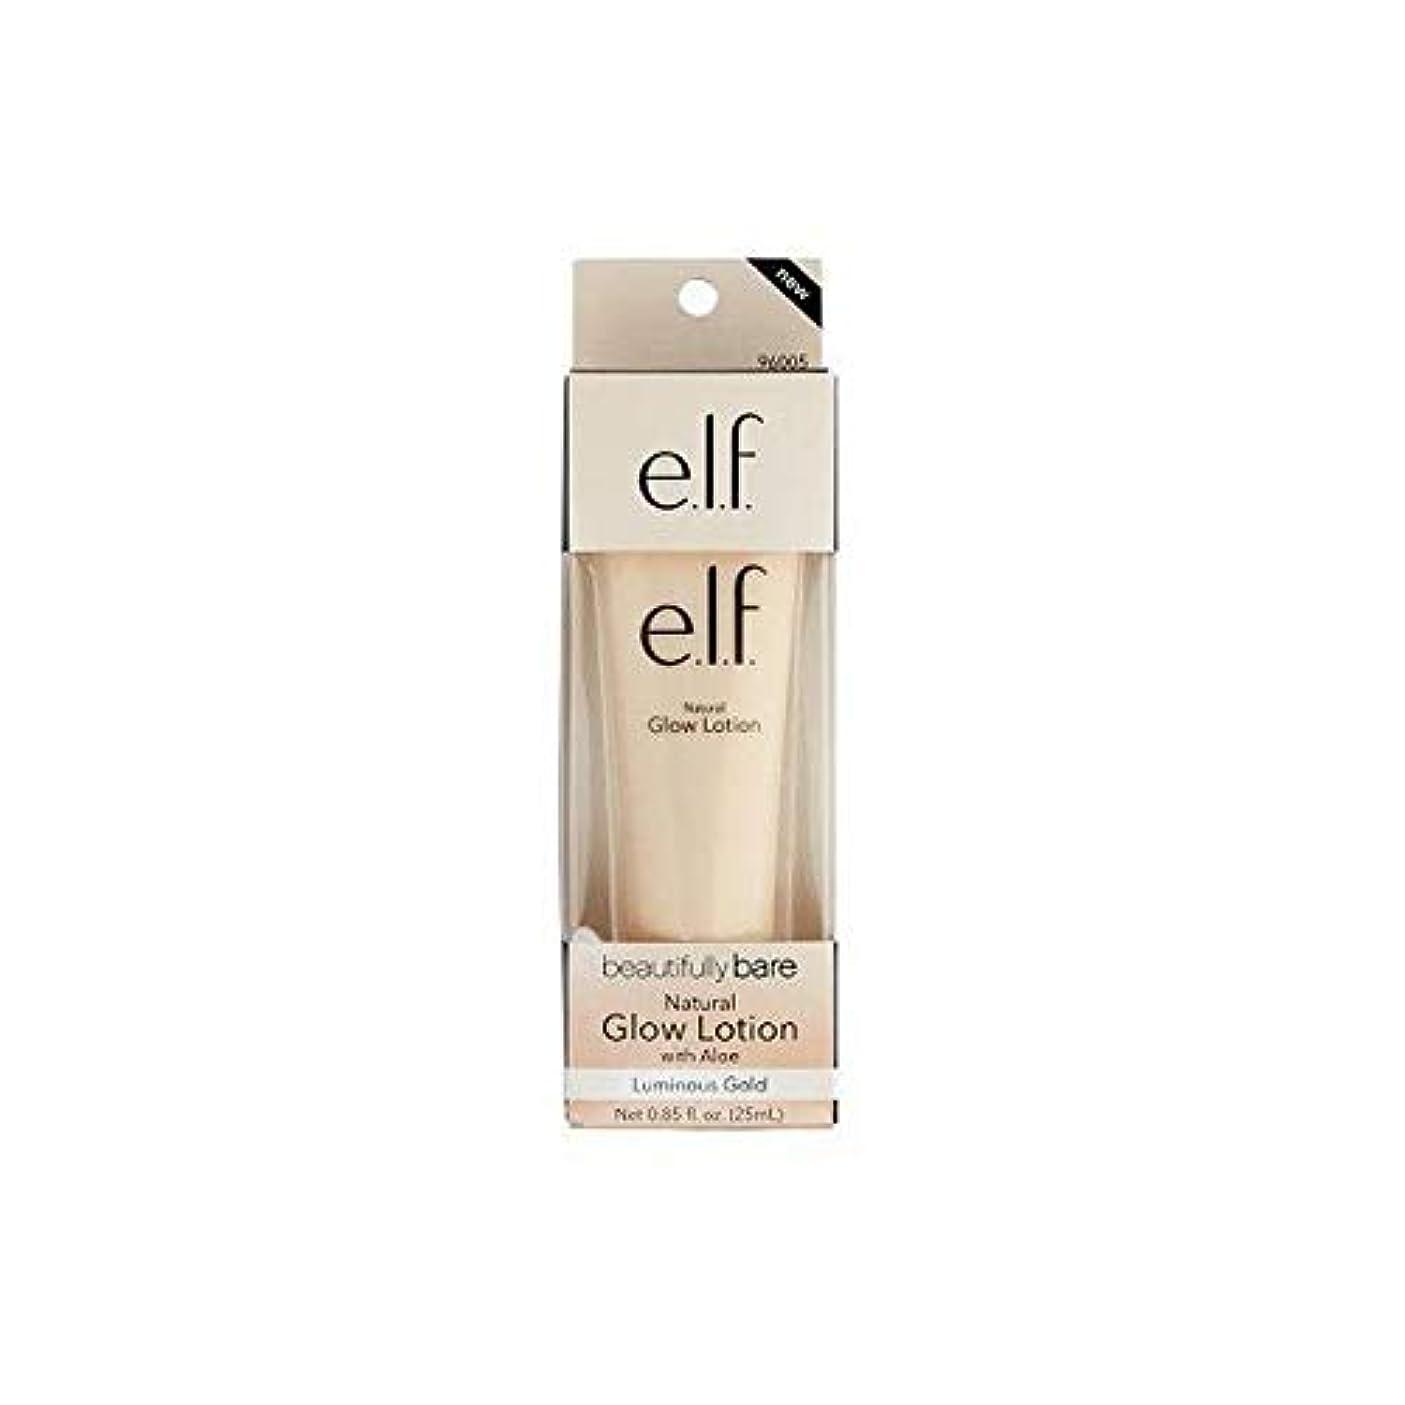 国籍矢じり八百屋[Elf ] エルフ。美しく裸自然グローローション金 - e.l.f. Beautifully Bare Natural Glow Lotion gold [並行輸入品]